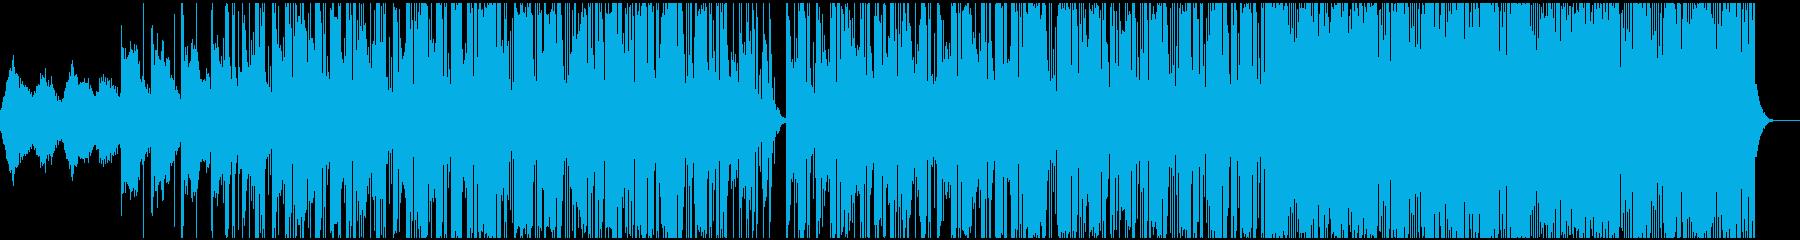 神秘的で落ち着いたヒーリング系の曲ですの再生済みの波形